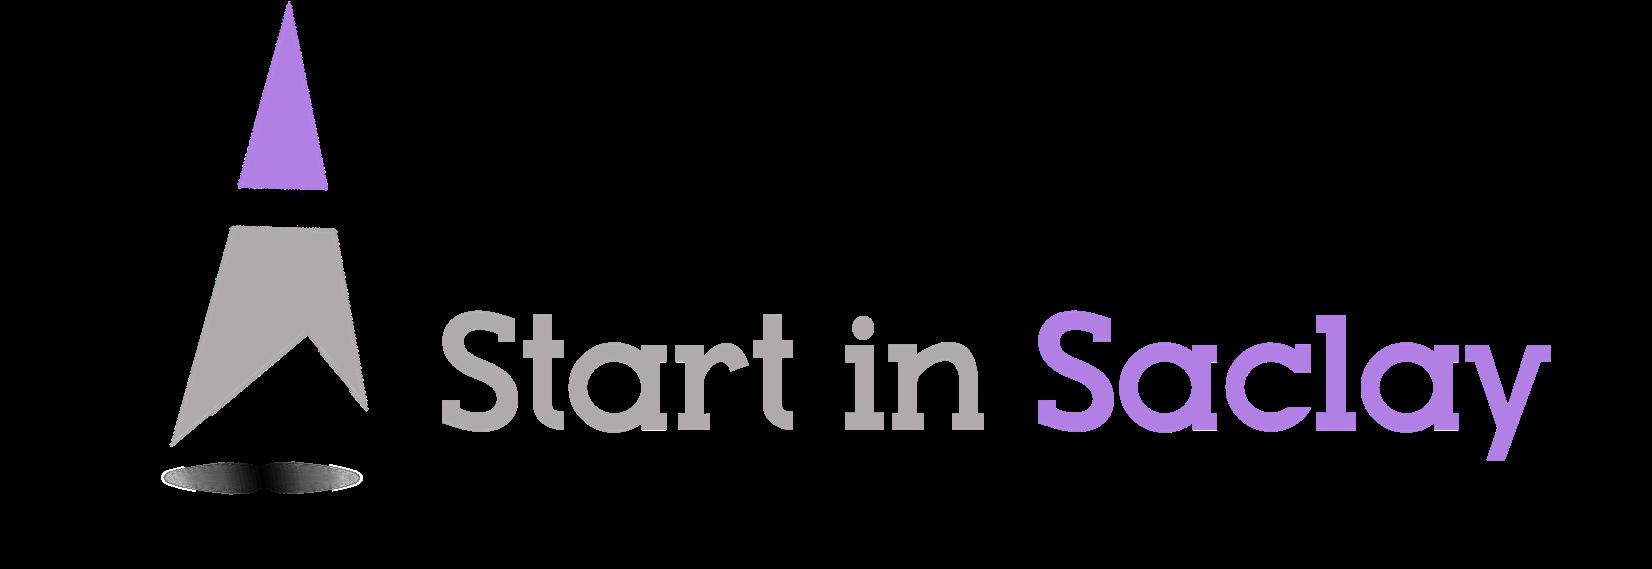 SiS_True-Logo_retina